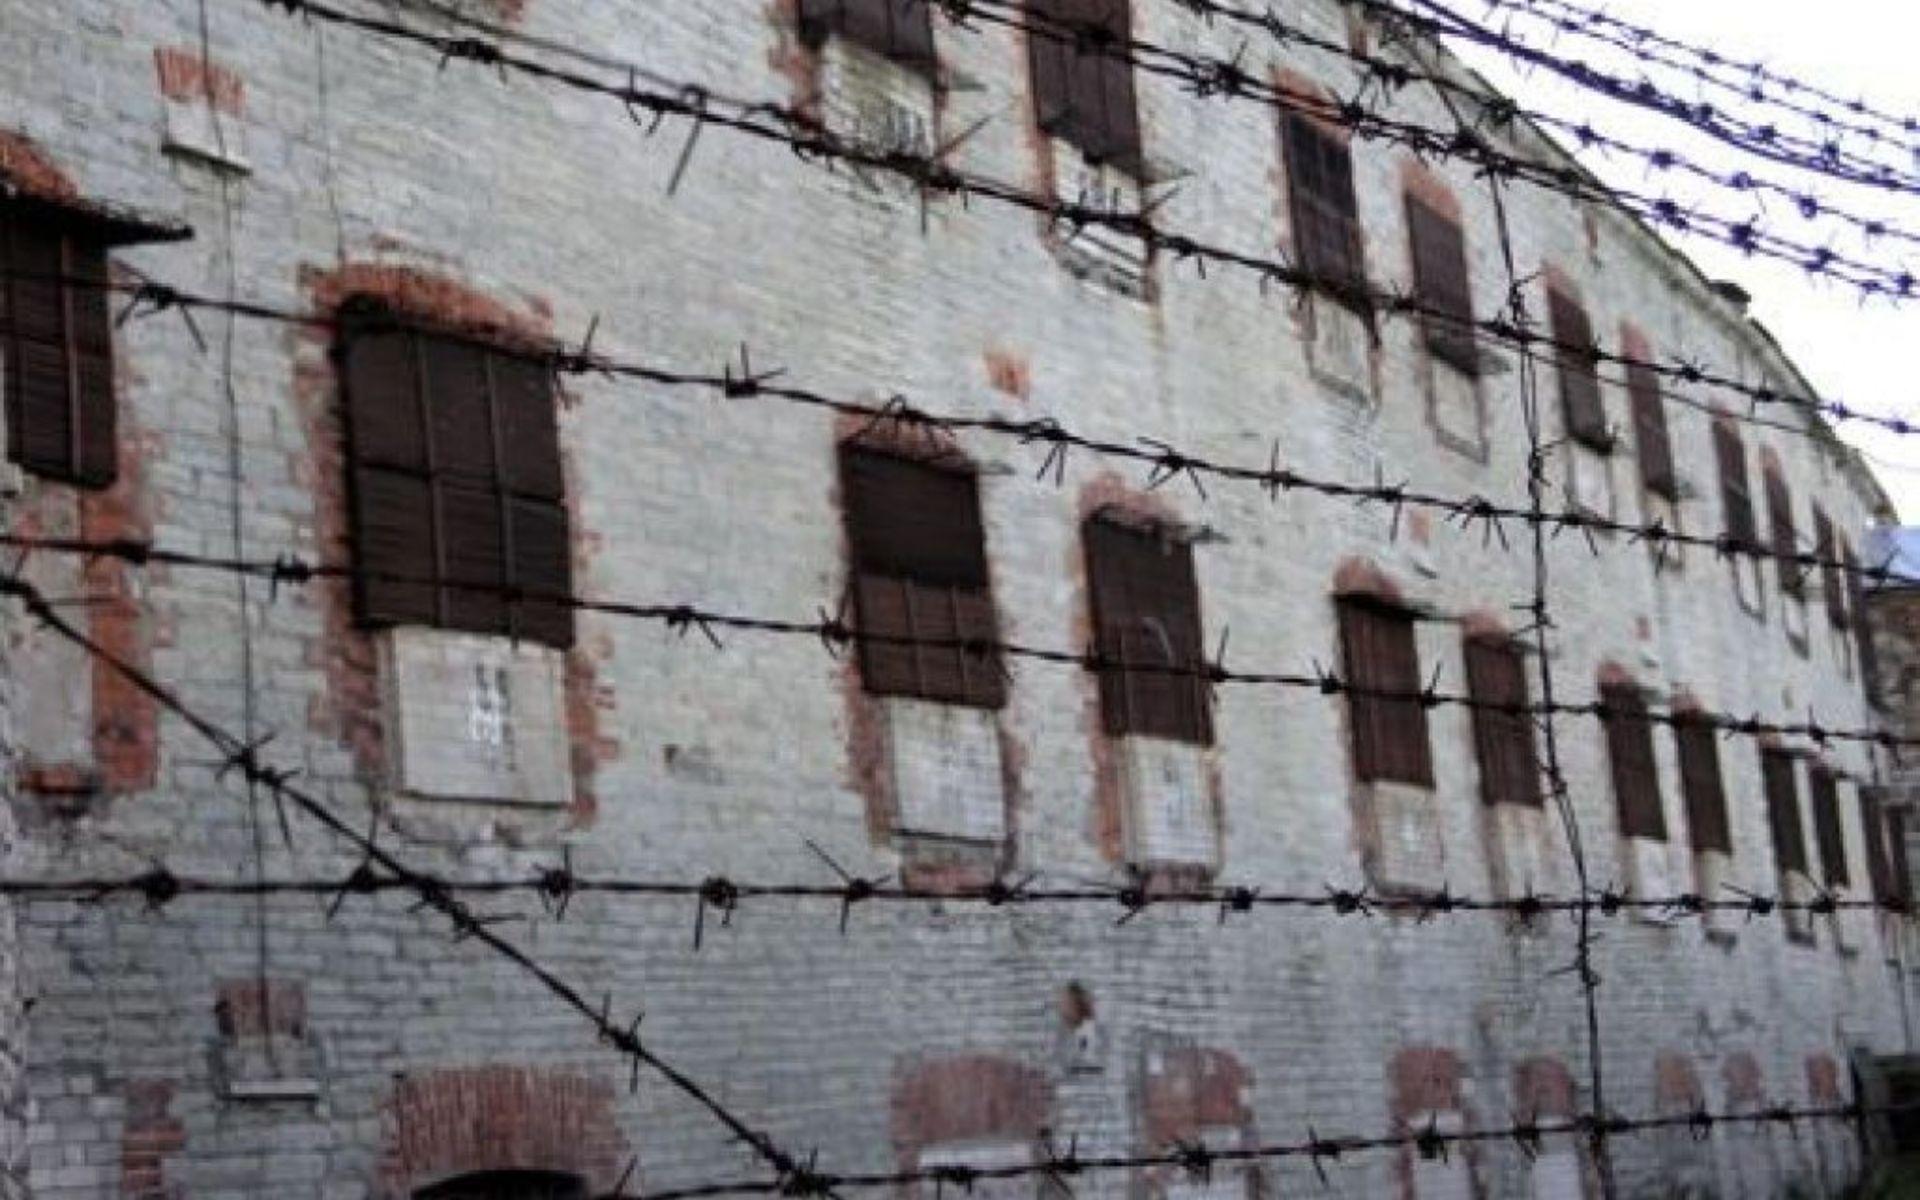 Просмотреть видео и фото о поступлении новых заключенных в следственный изолятор города харьков на холодной горе номер 6